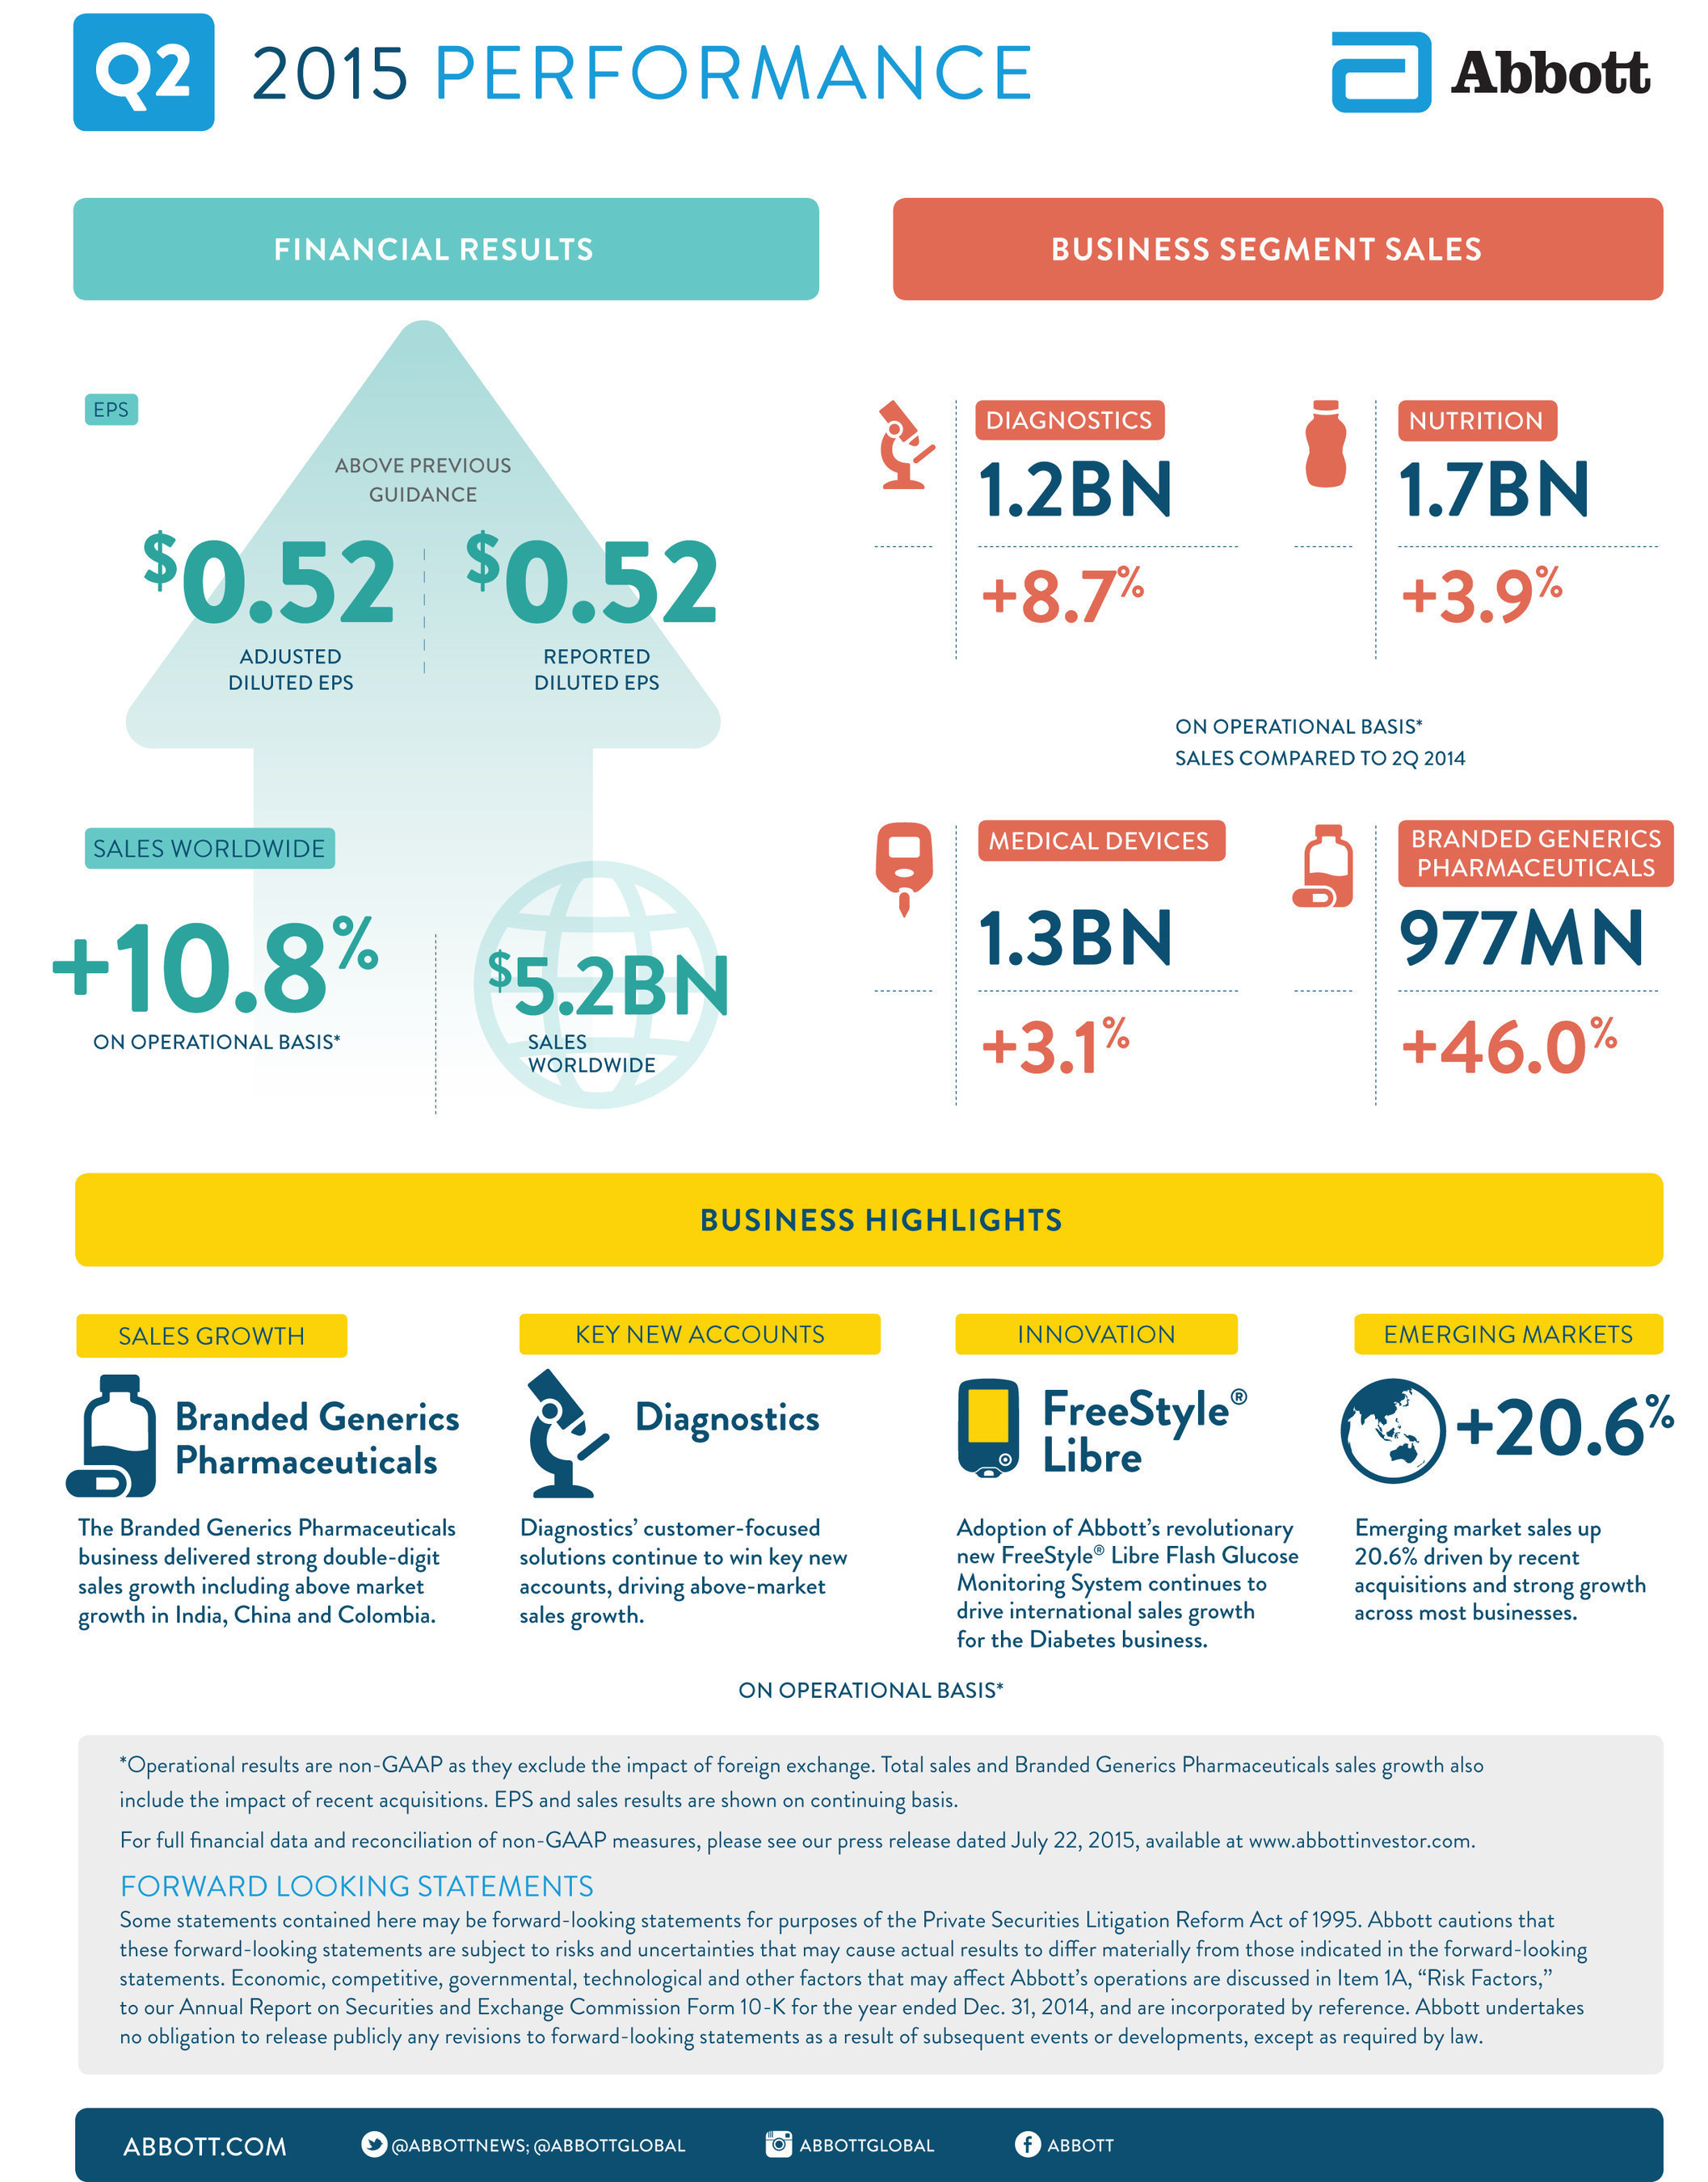 Abbott's 2Q 2015 Earnings Infographic